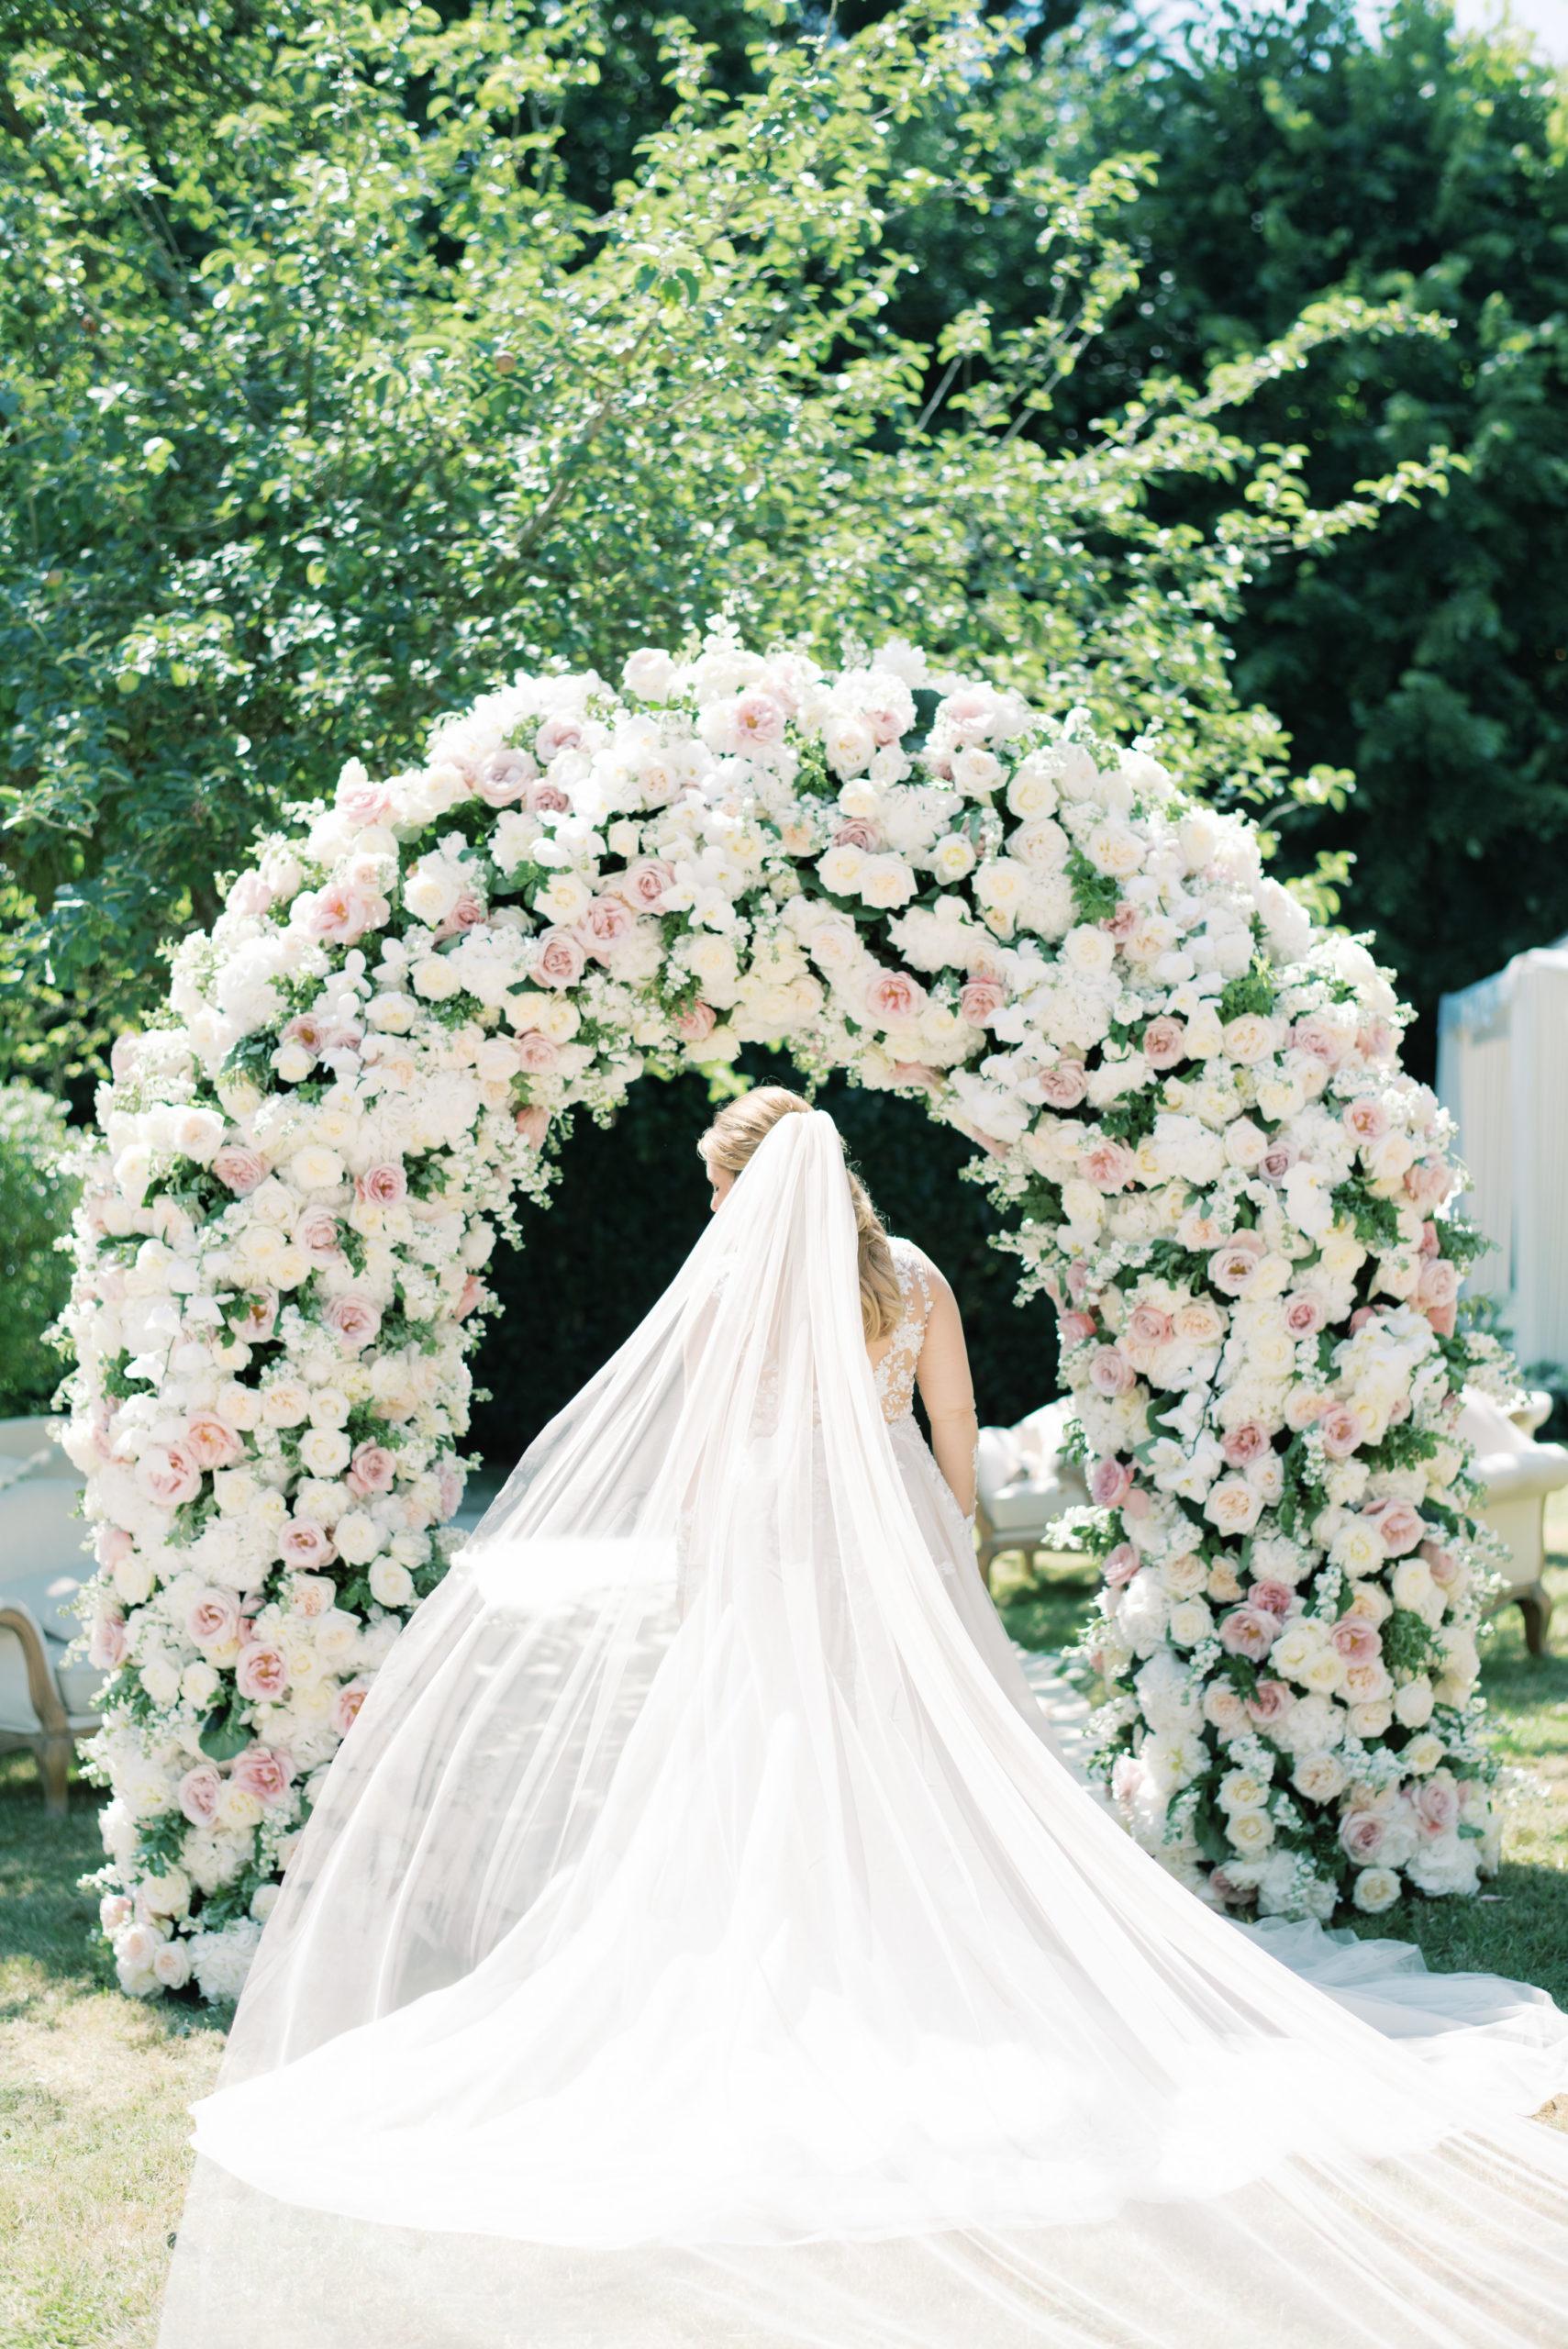 Arch of dreams destination wedding florals